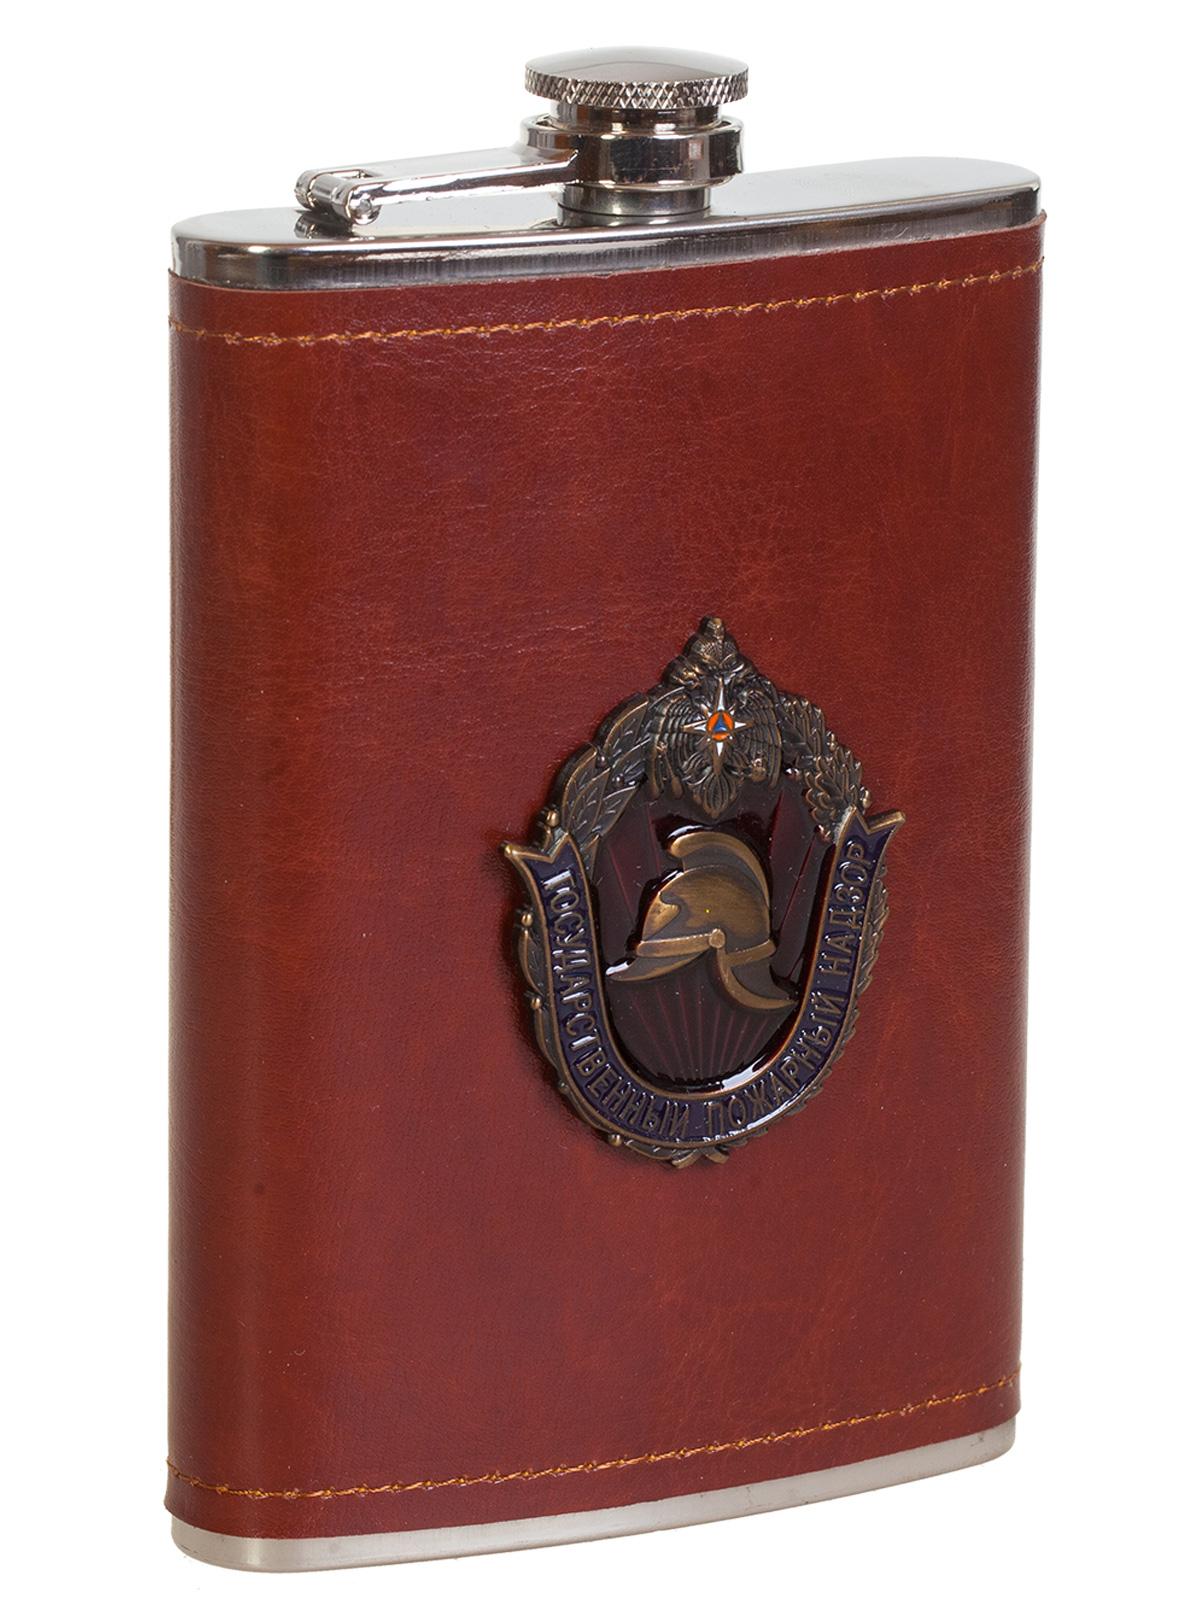 Купить карманную фляжку в кожаном чехле с накладкой МЧС в подарок мужчине